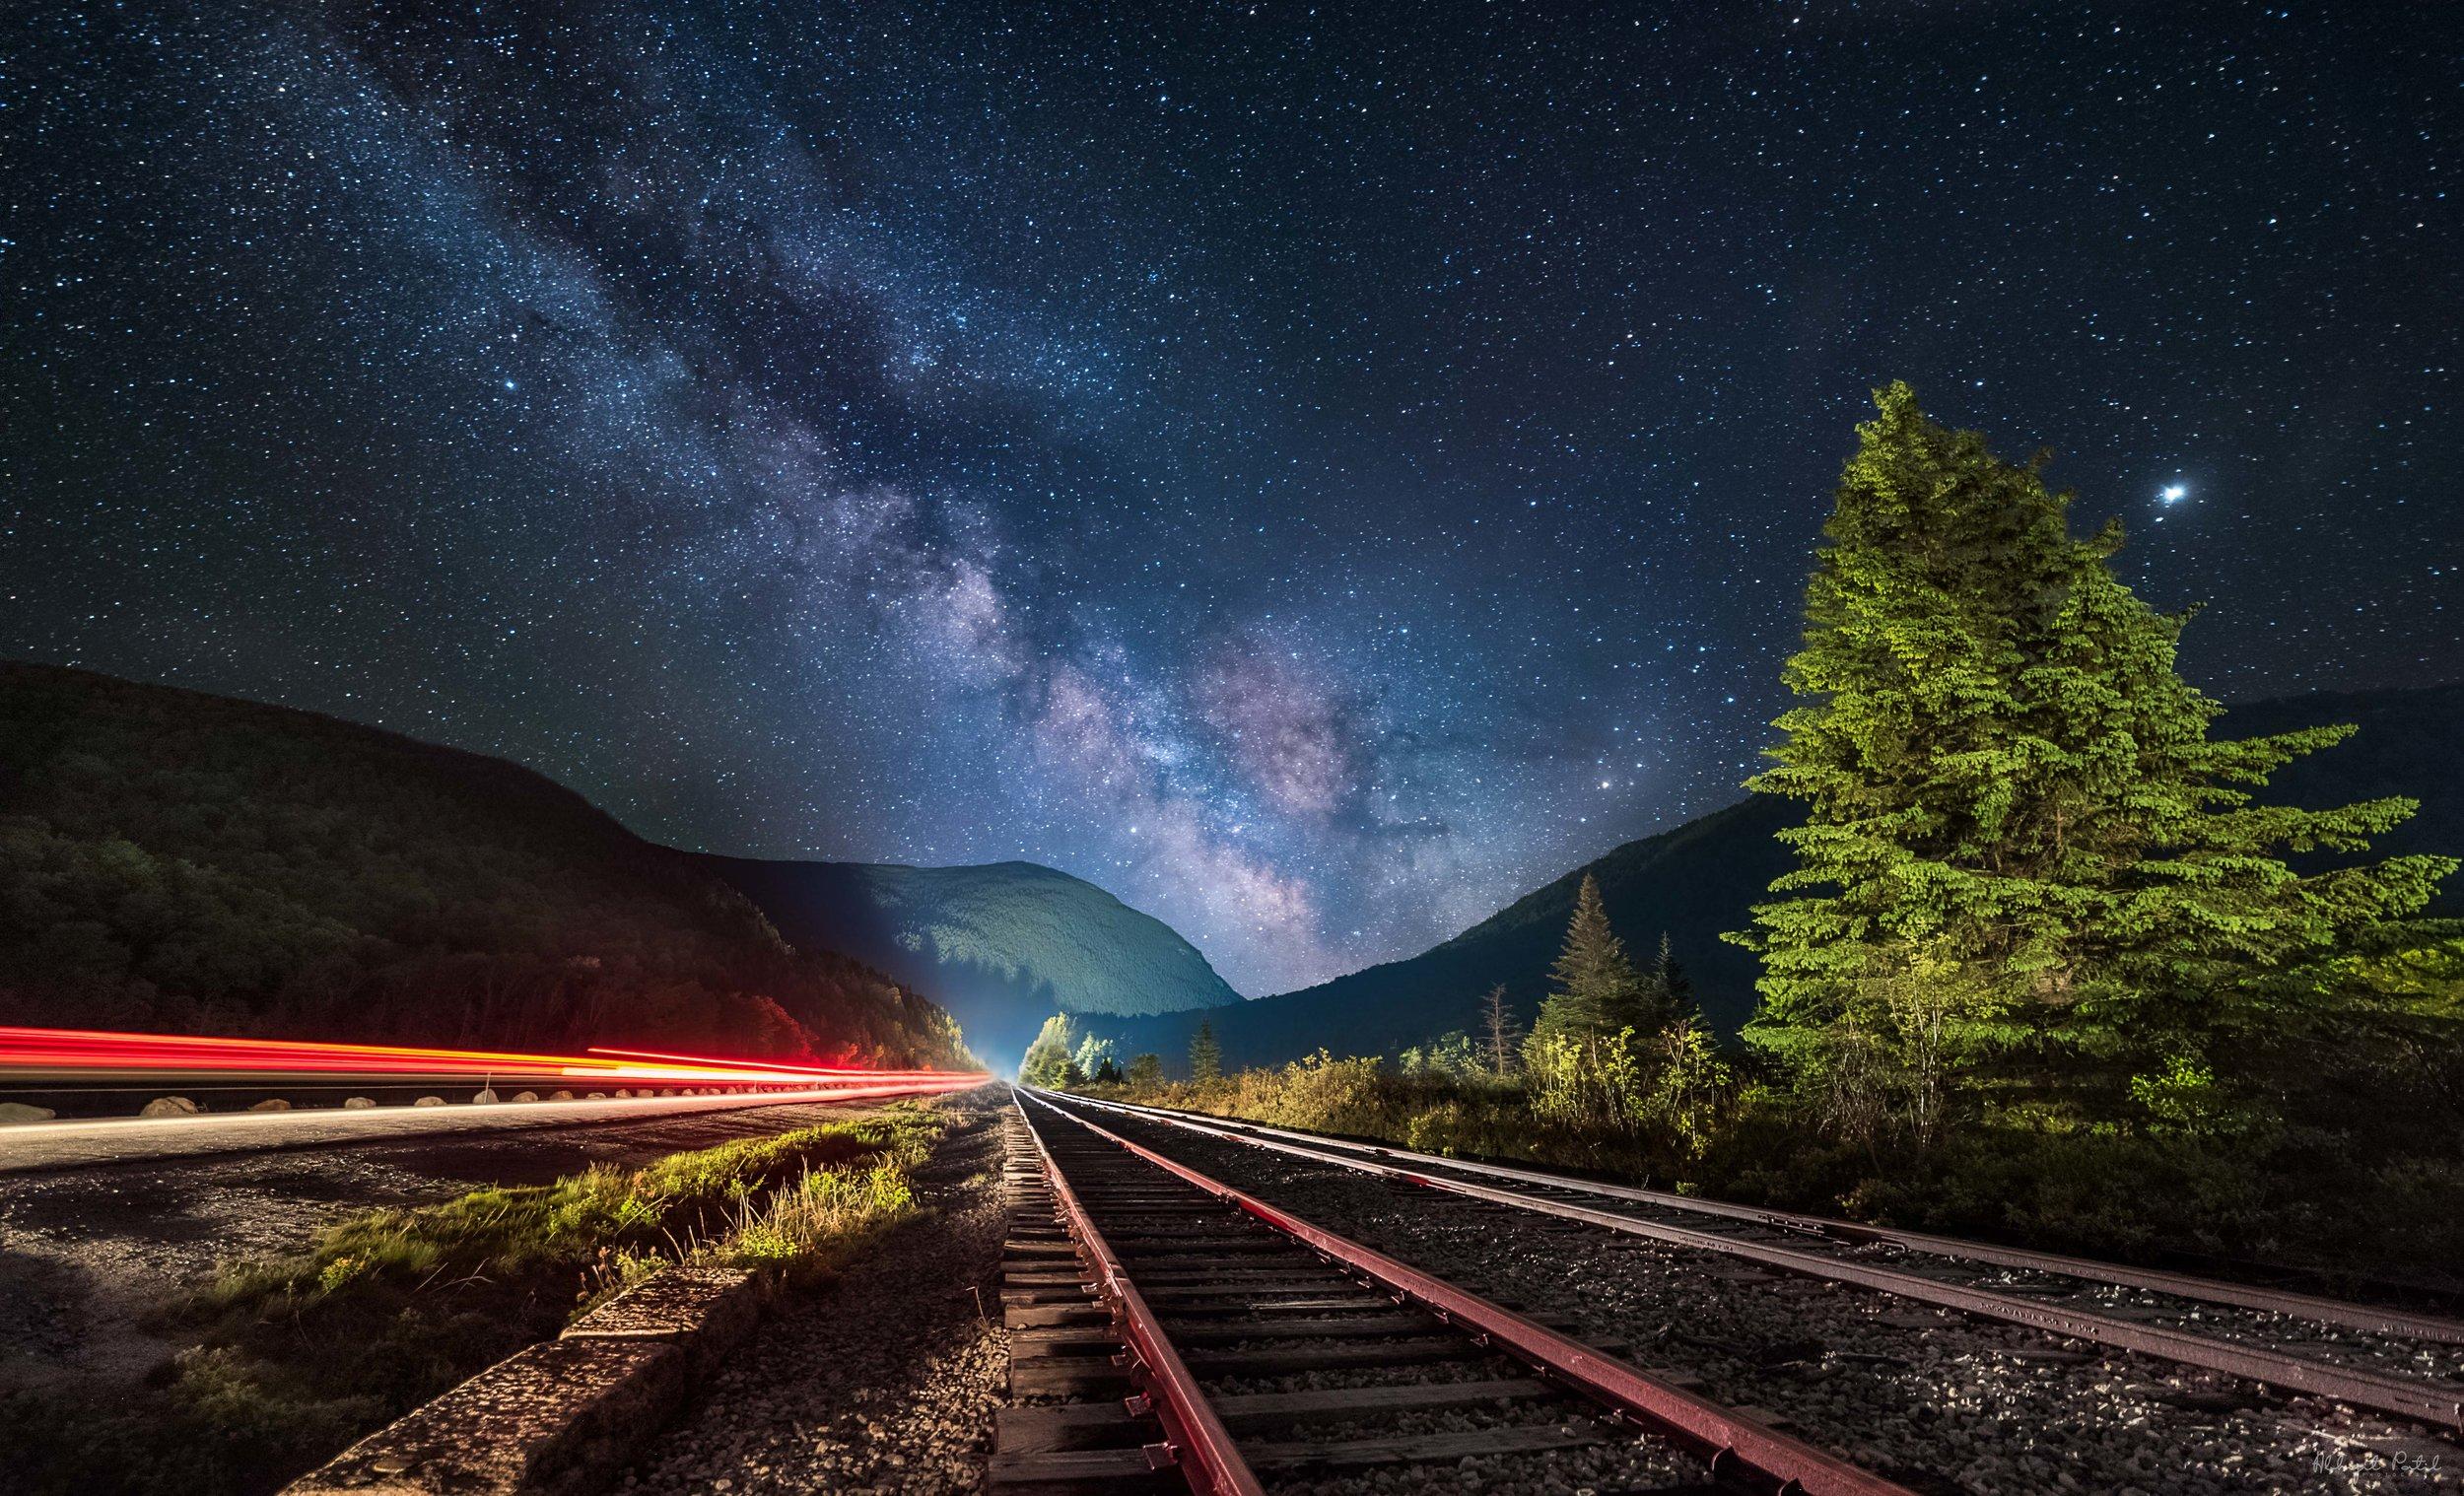 Crawford_notch_railway.jpg